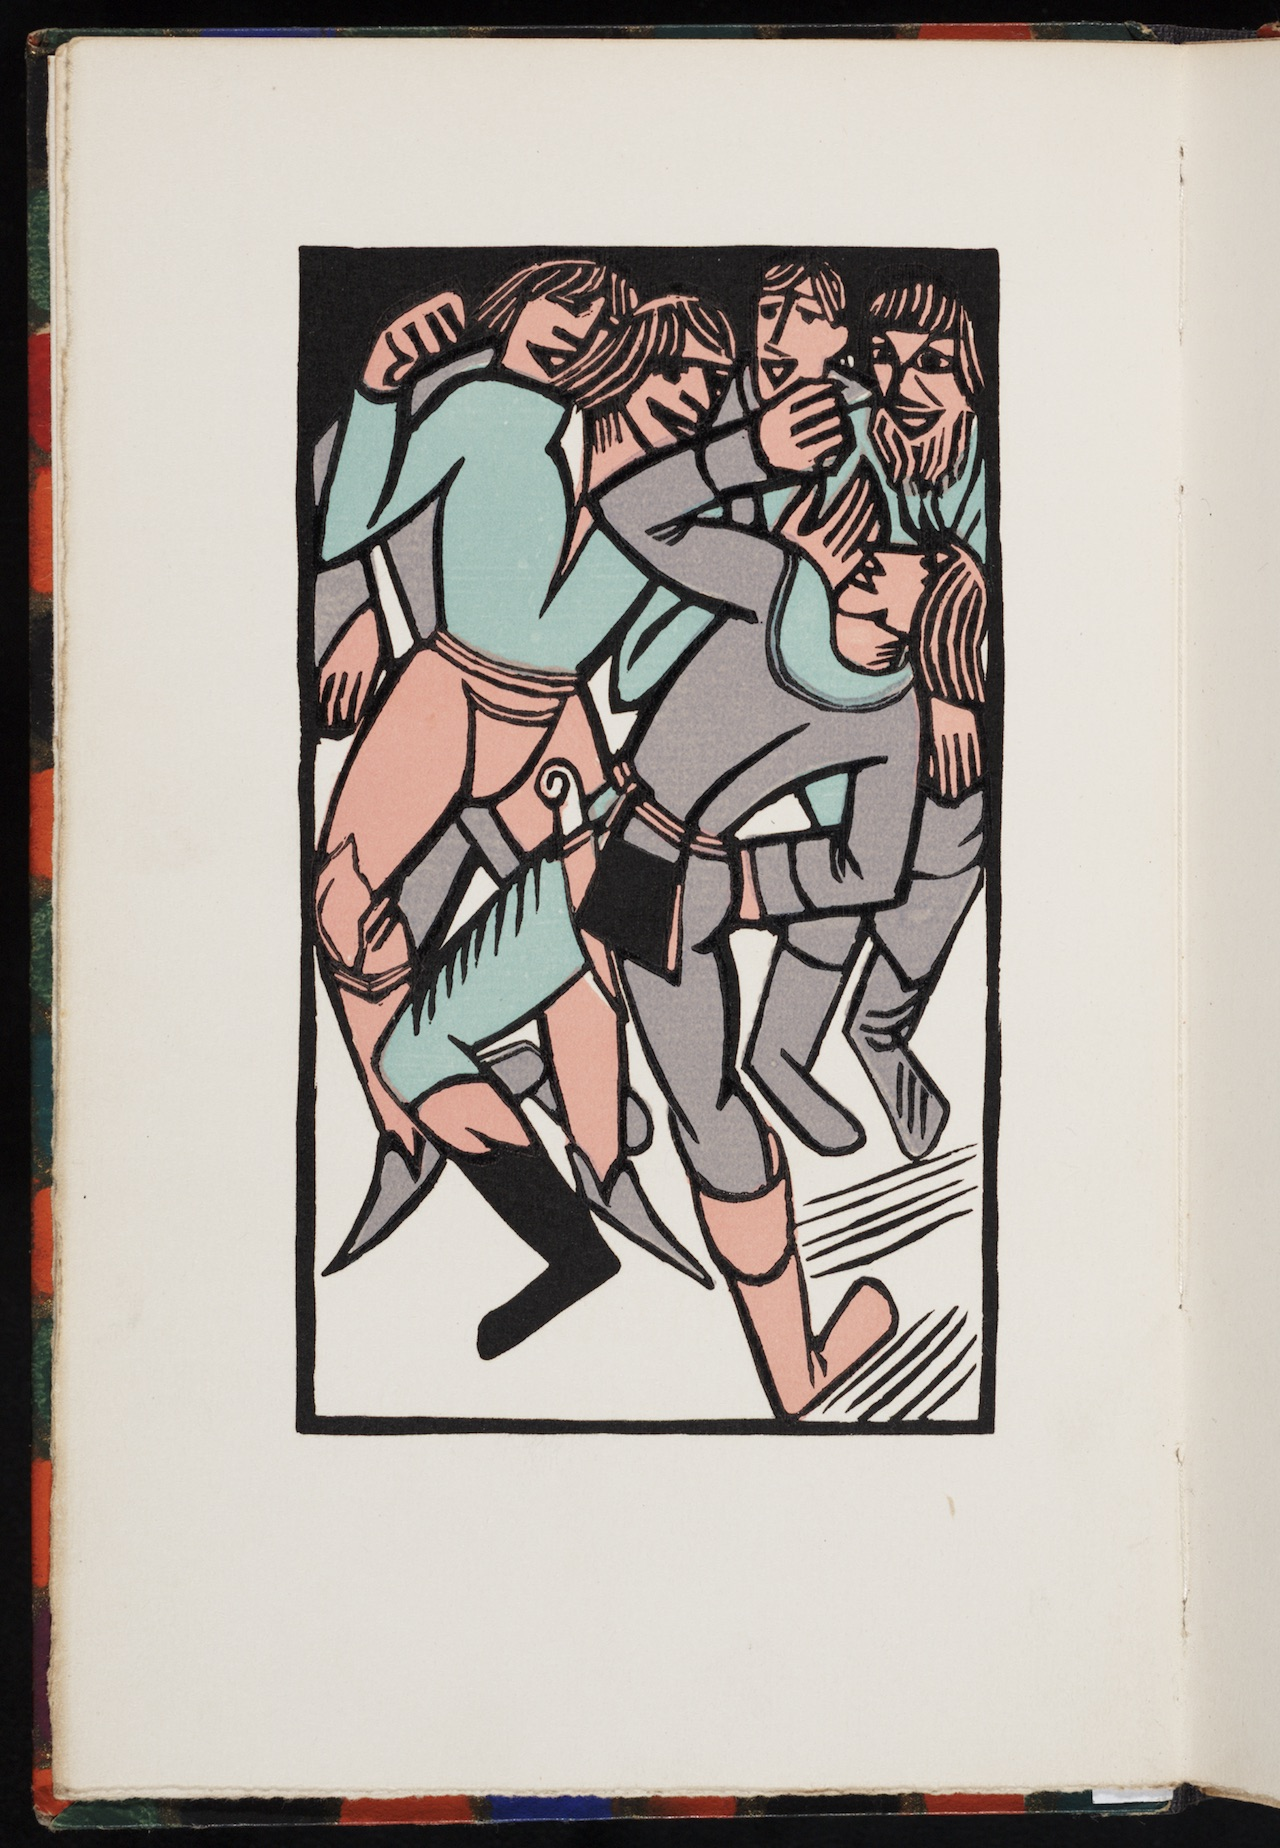 """Václav Mašek, illustration for """"Komedye masopustní"""" (1930) by various authors"""